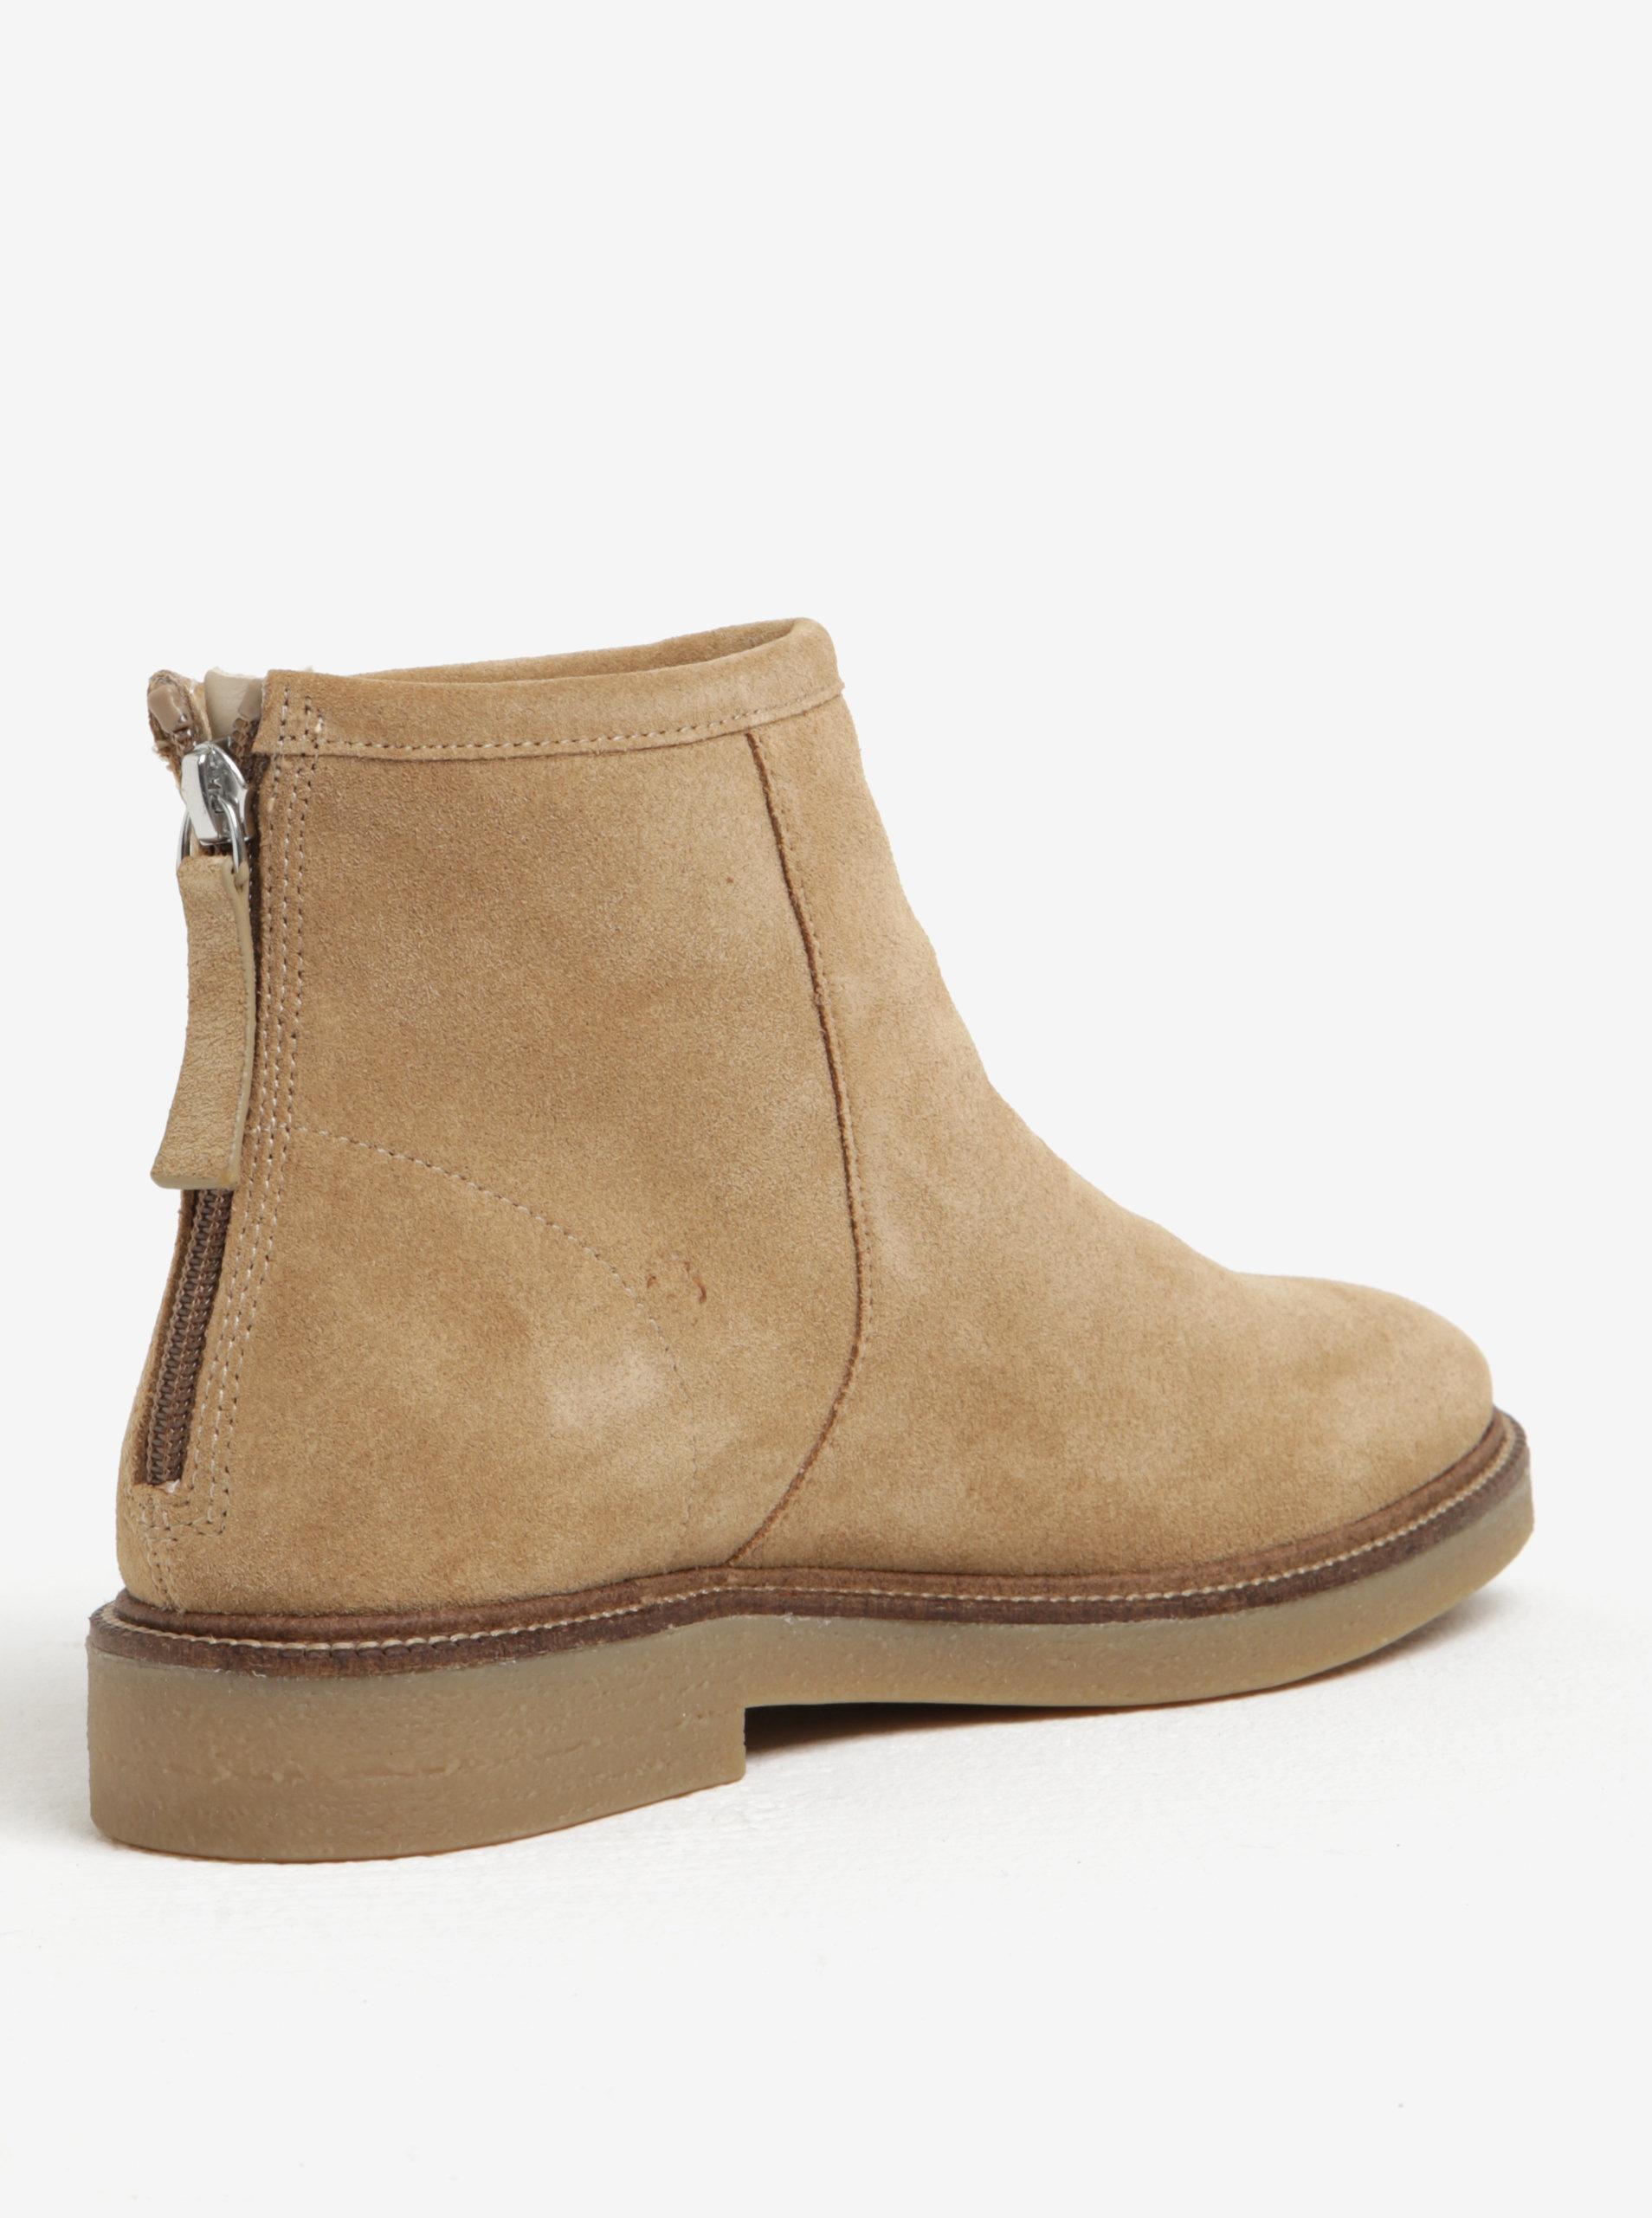 1ebc0da96646 Béžové dámské semišové kotníkové boty Vagabond Christy ...